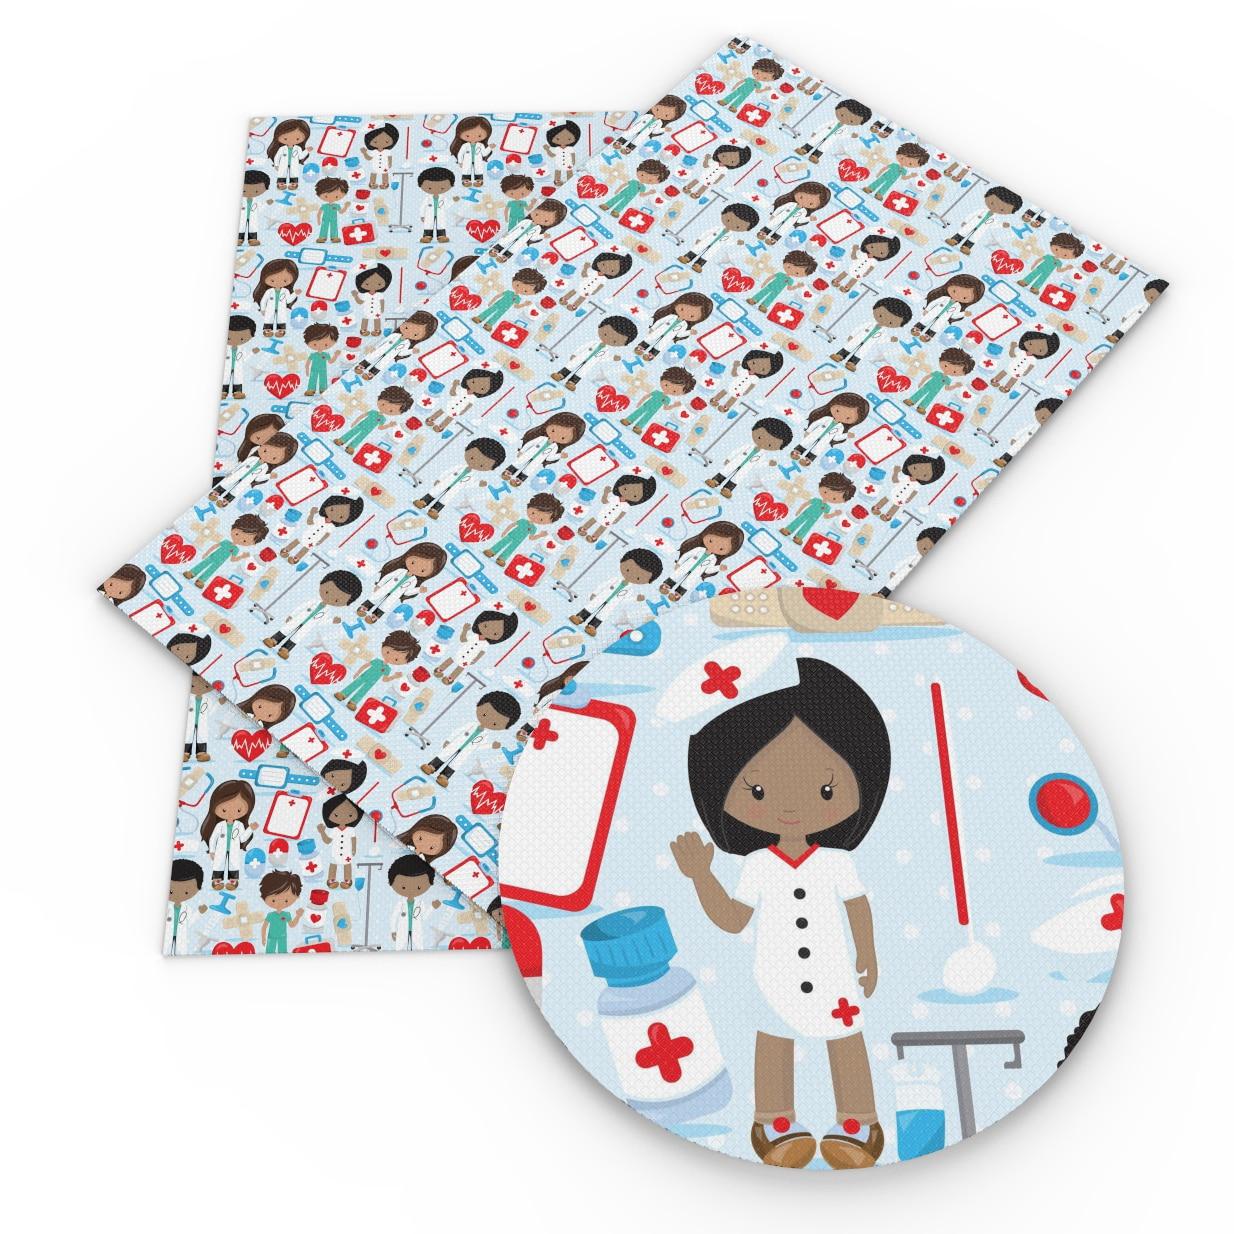 20*34 см мультфильм медсестры точка Яблоко печатных искусственная Синтетическая кожа ткань, DIY материалы ручной работы для волос лук мешок, 1Yc4717